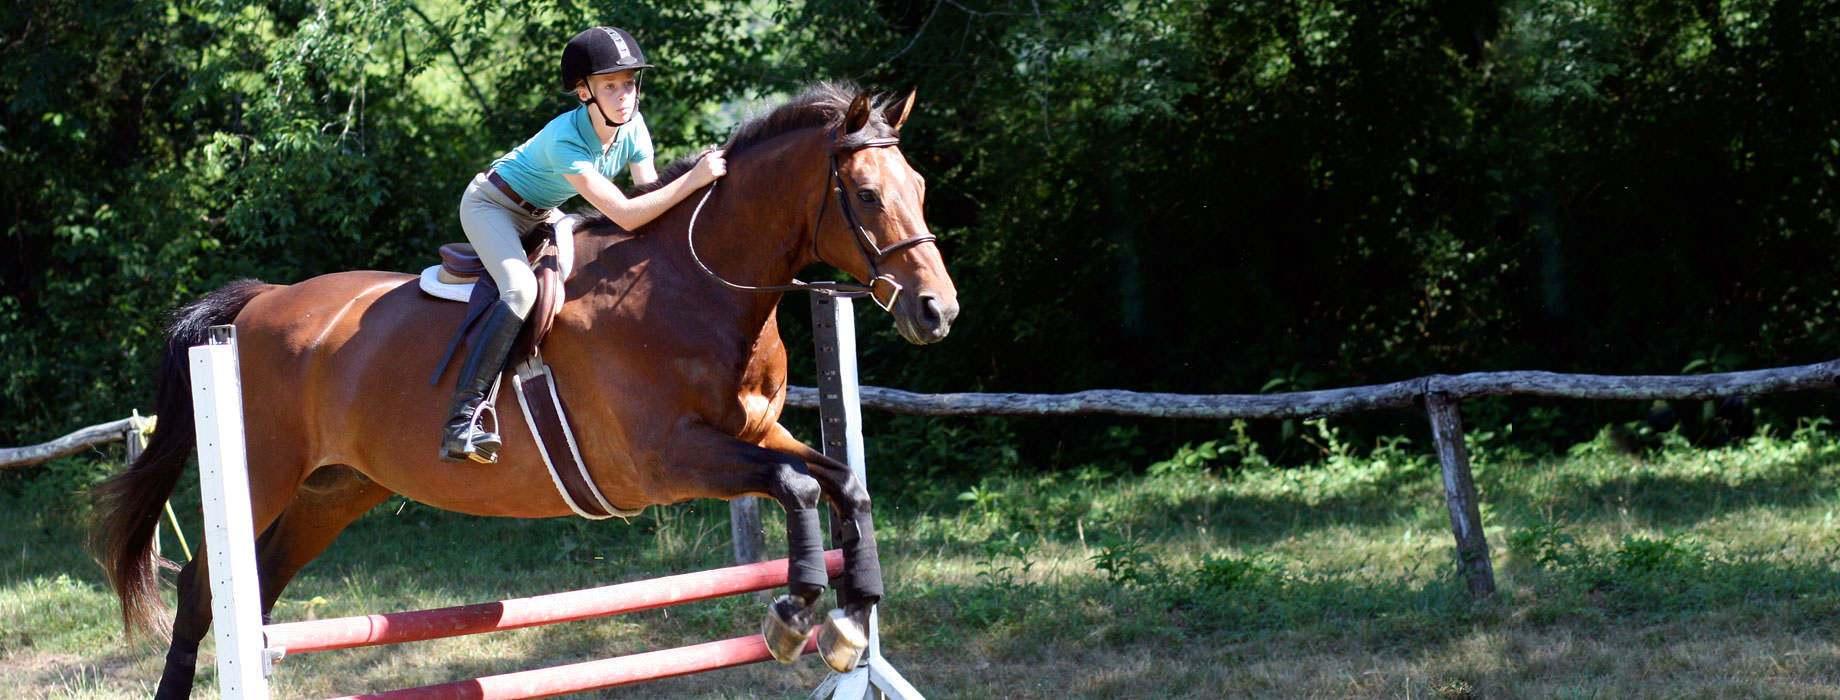 girls-horseback